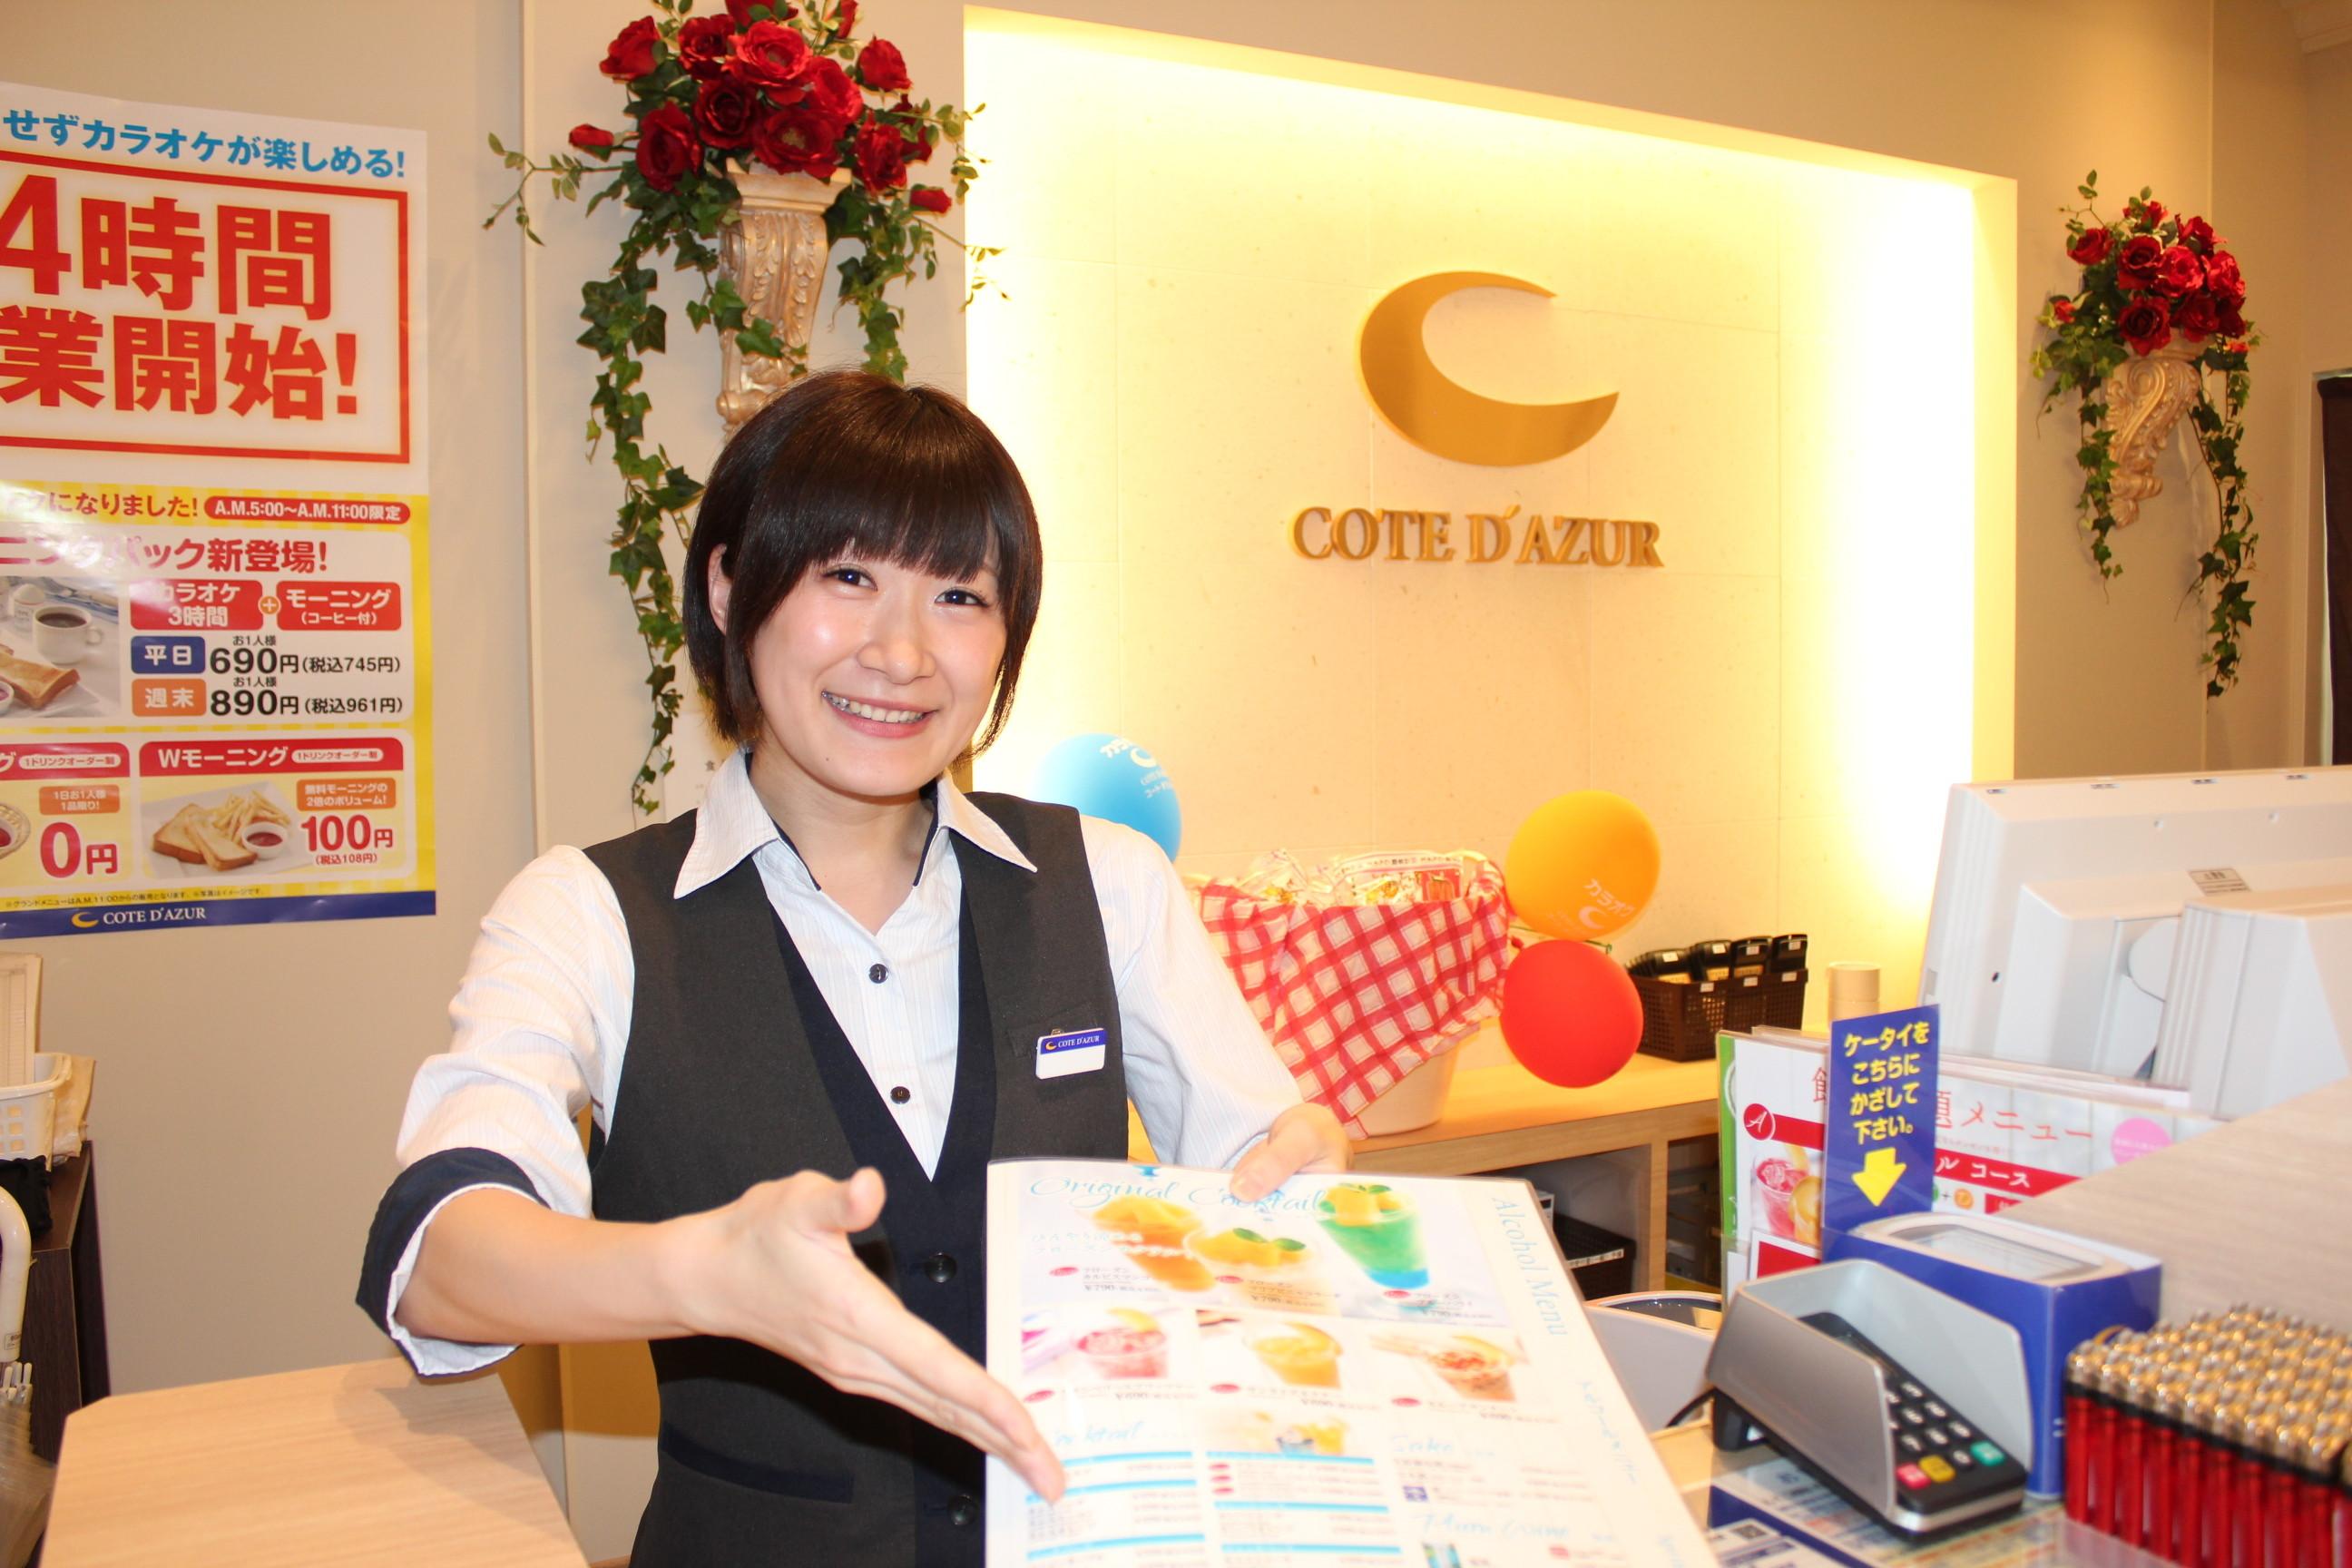 コート・ダジュール 阪神福島駅前店 のアルバイト情報